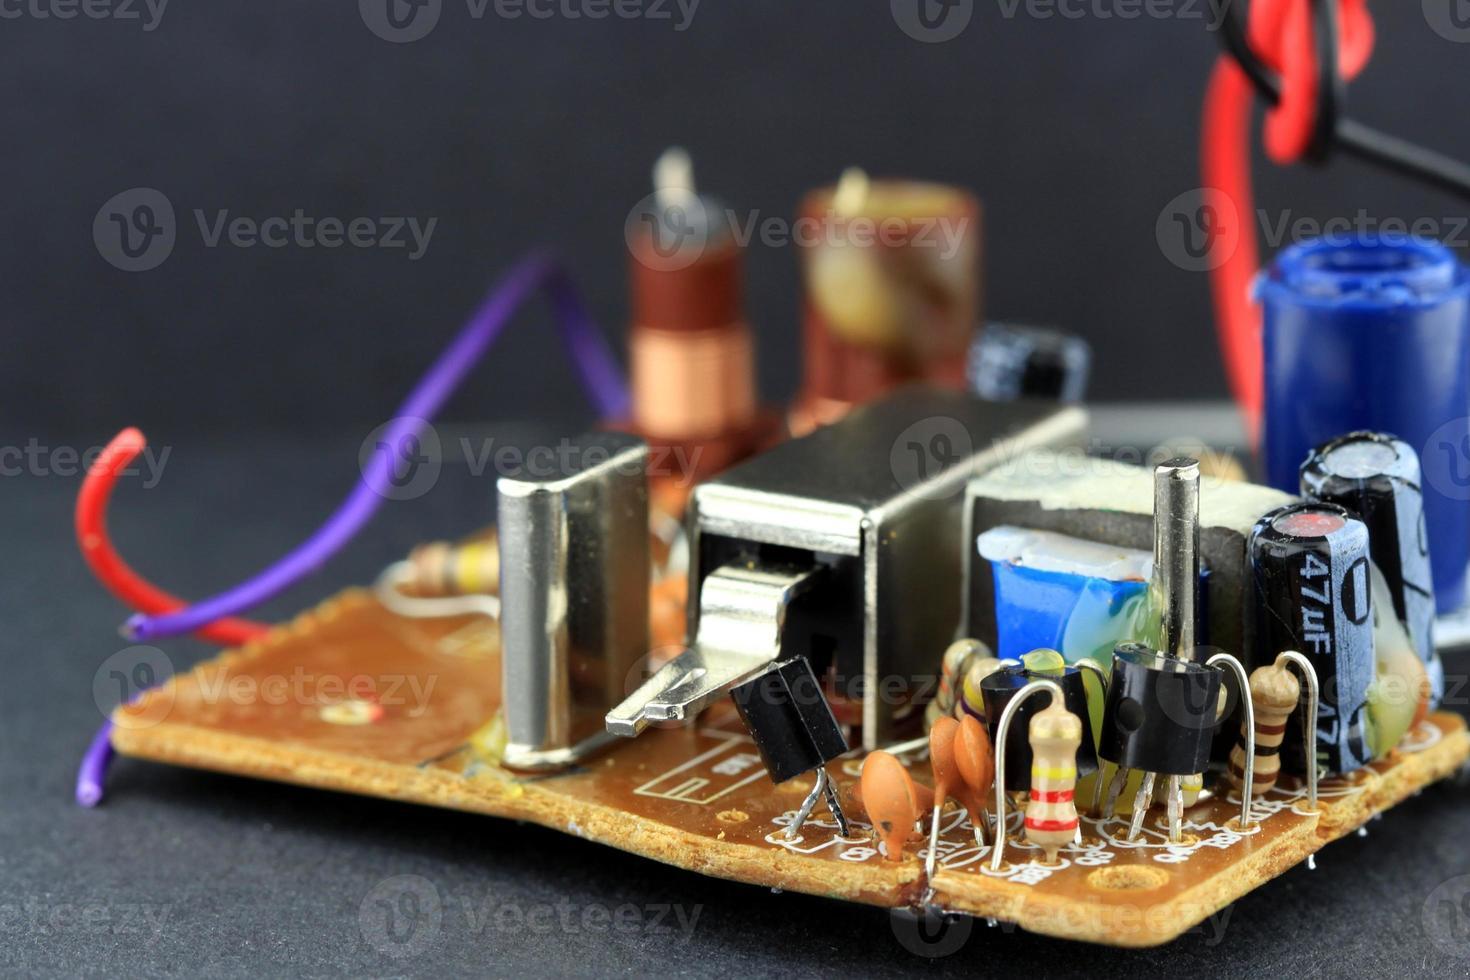 printplaat met elektronische componenten erop gemonteerd foto